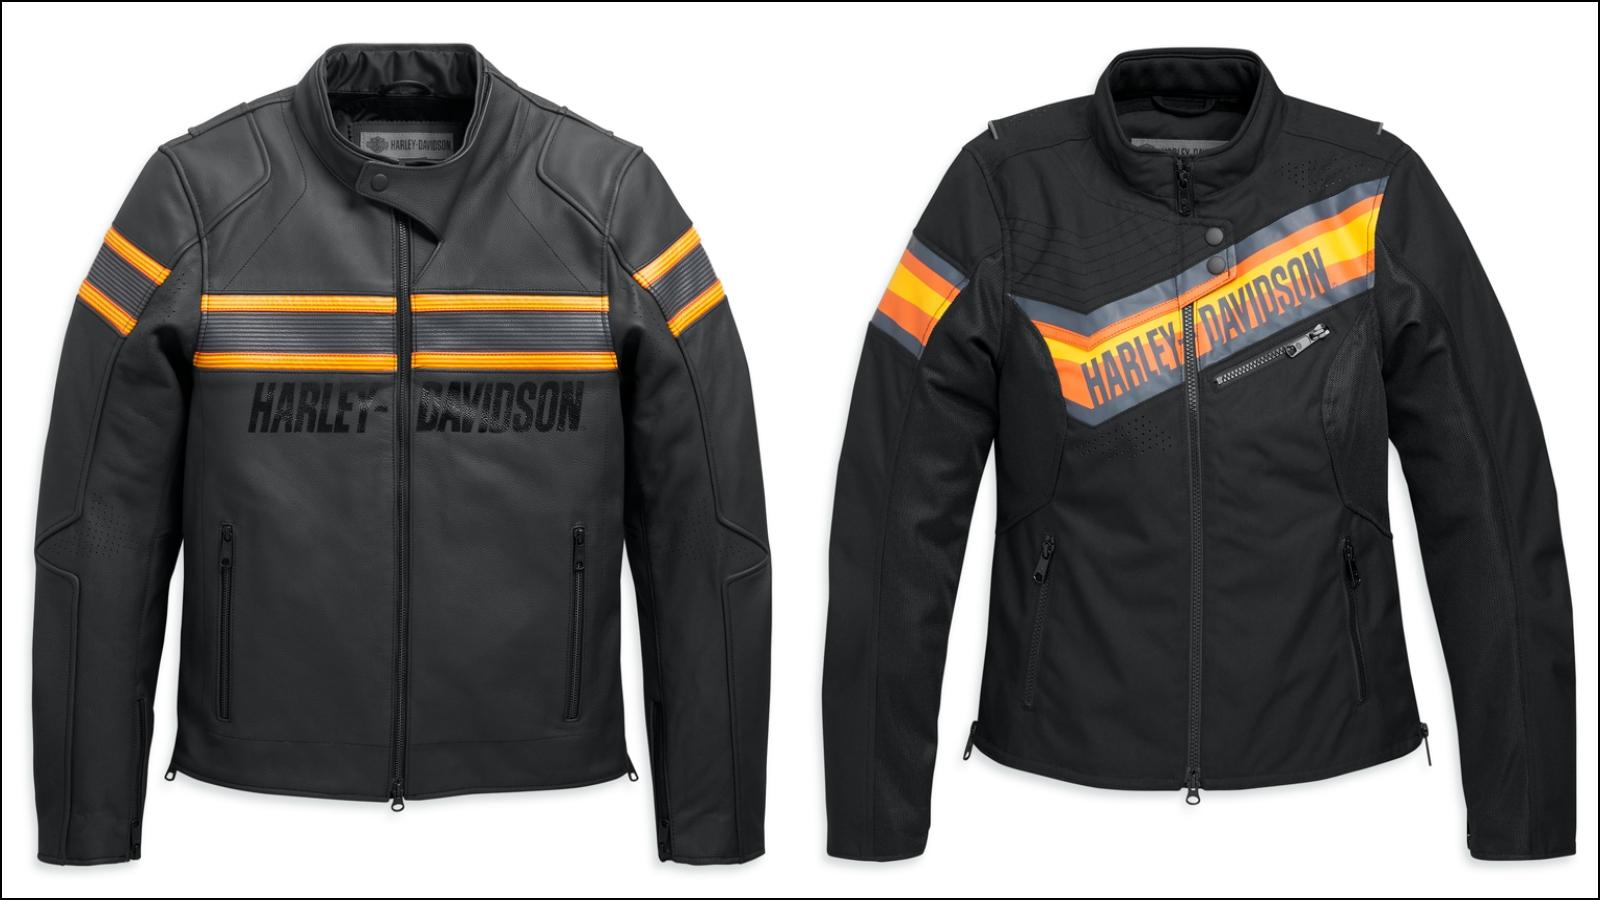 Chaquetas Sidari, comodidad y seguridad para el verano con Harley-Davidson